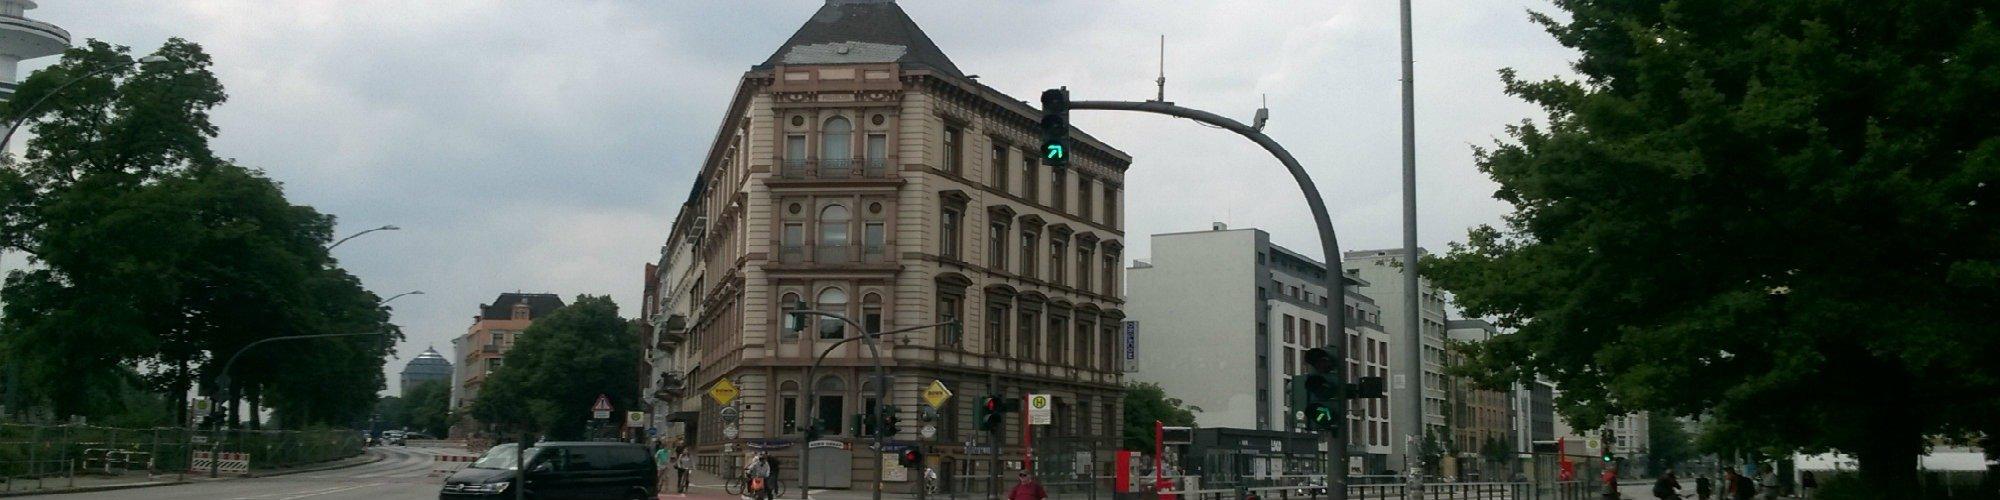 OBENHAUS Anwaltskanzlei für Steuerrecht in Hamburg in der Grindelallee 1